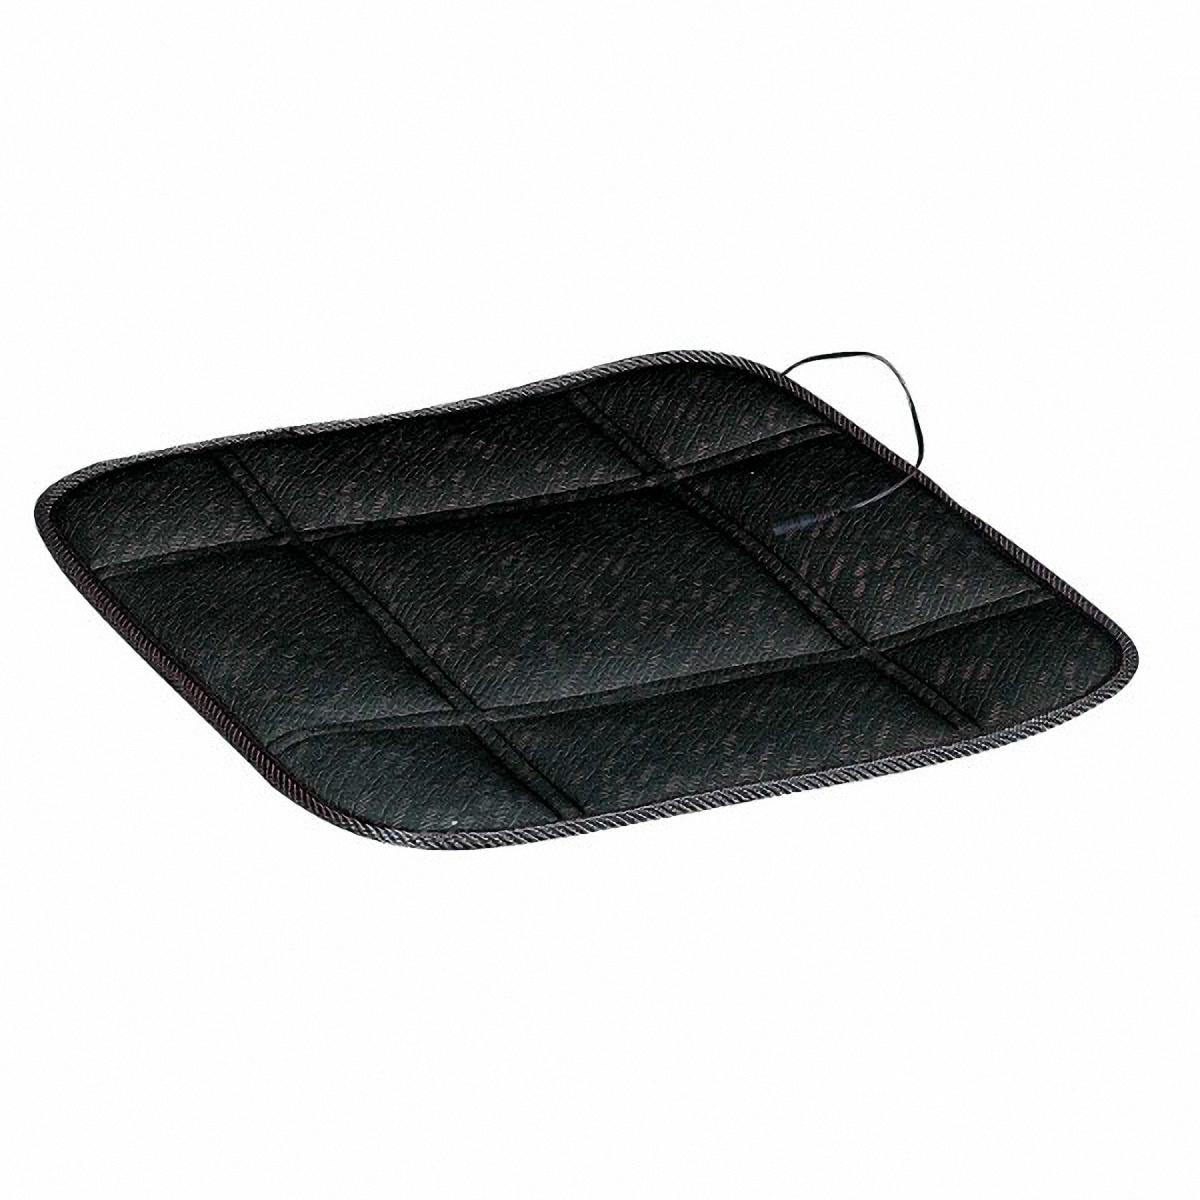 Подогрев для сиденья Skyway 12V, без спинки, 2,5А-3А, цвет: черный, 43 х 43 смS02203003